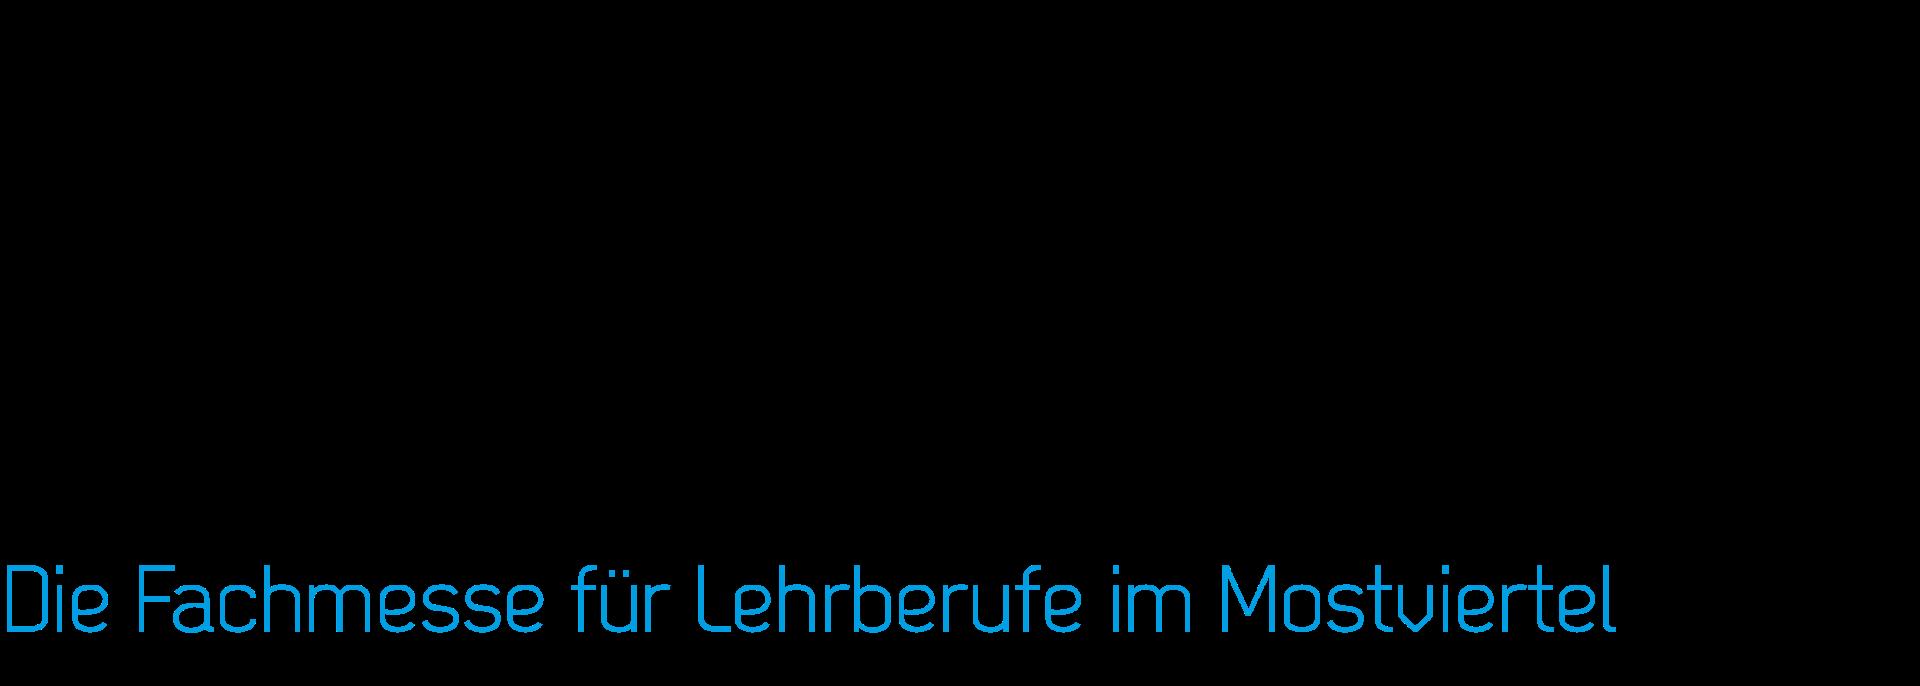 karriere-clubbing_logo_allgemein.cmyk-01.png